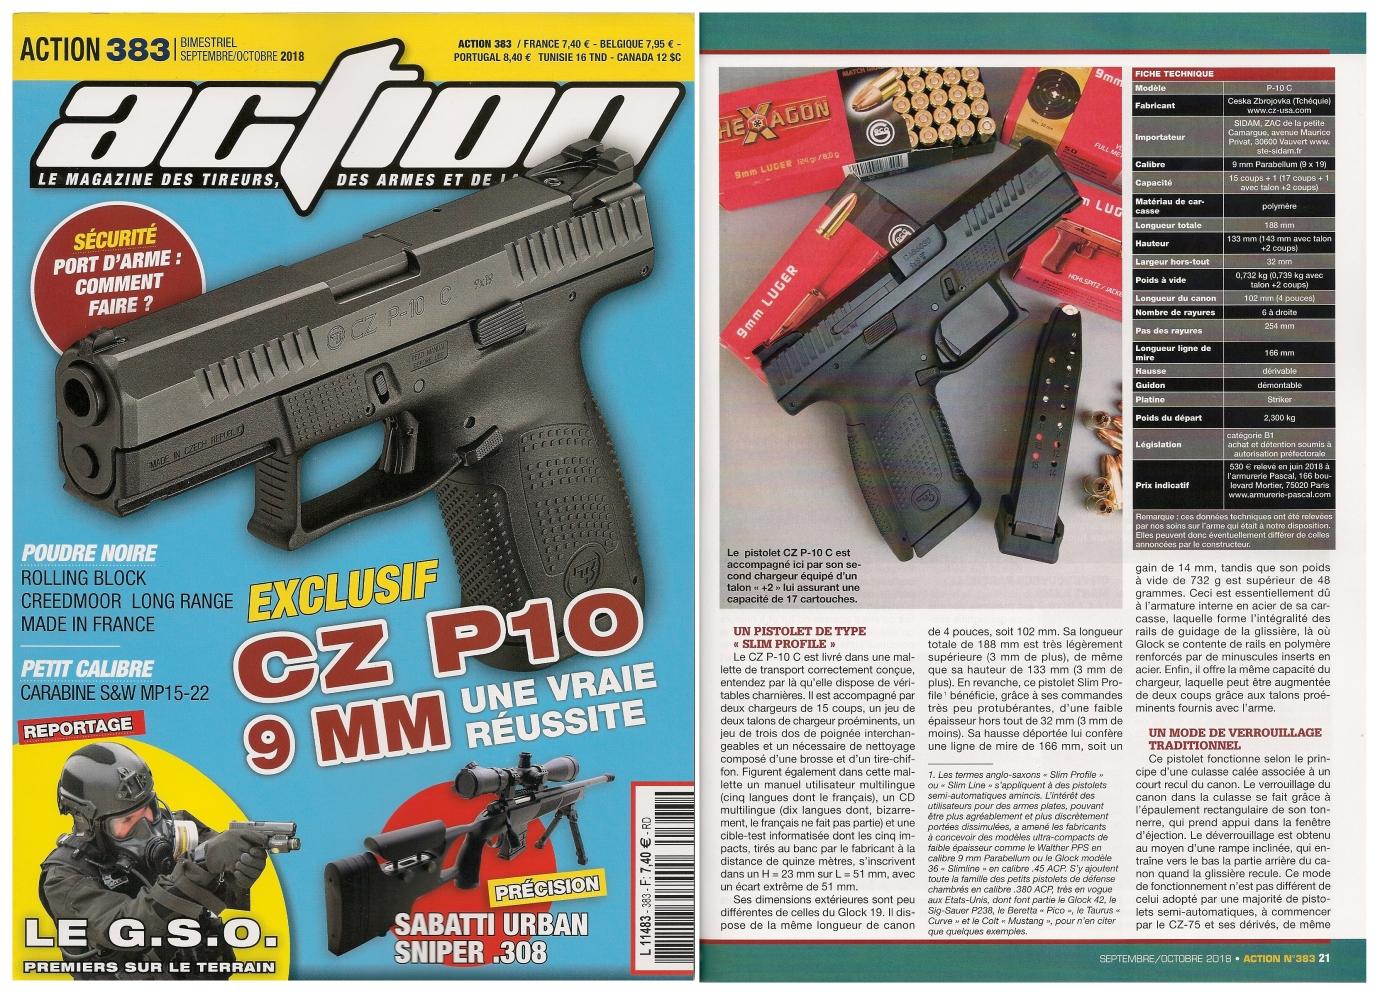 Le banc d'essai du pistolet CZ P10 C a été publié sur 6 pages dans le magazine Action n° 383 (septembre/octobre 2018).